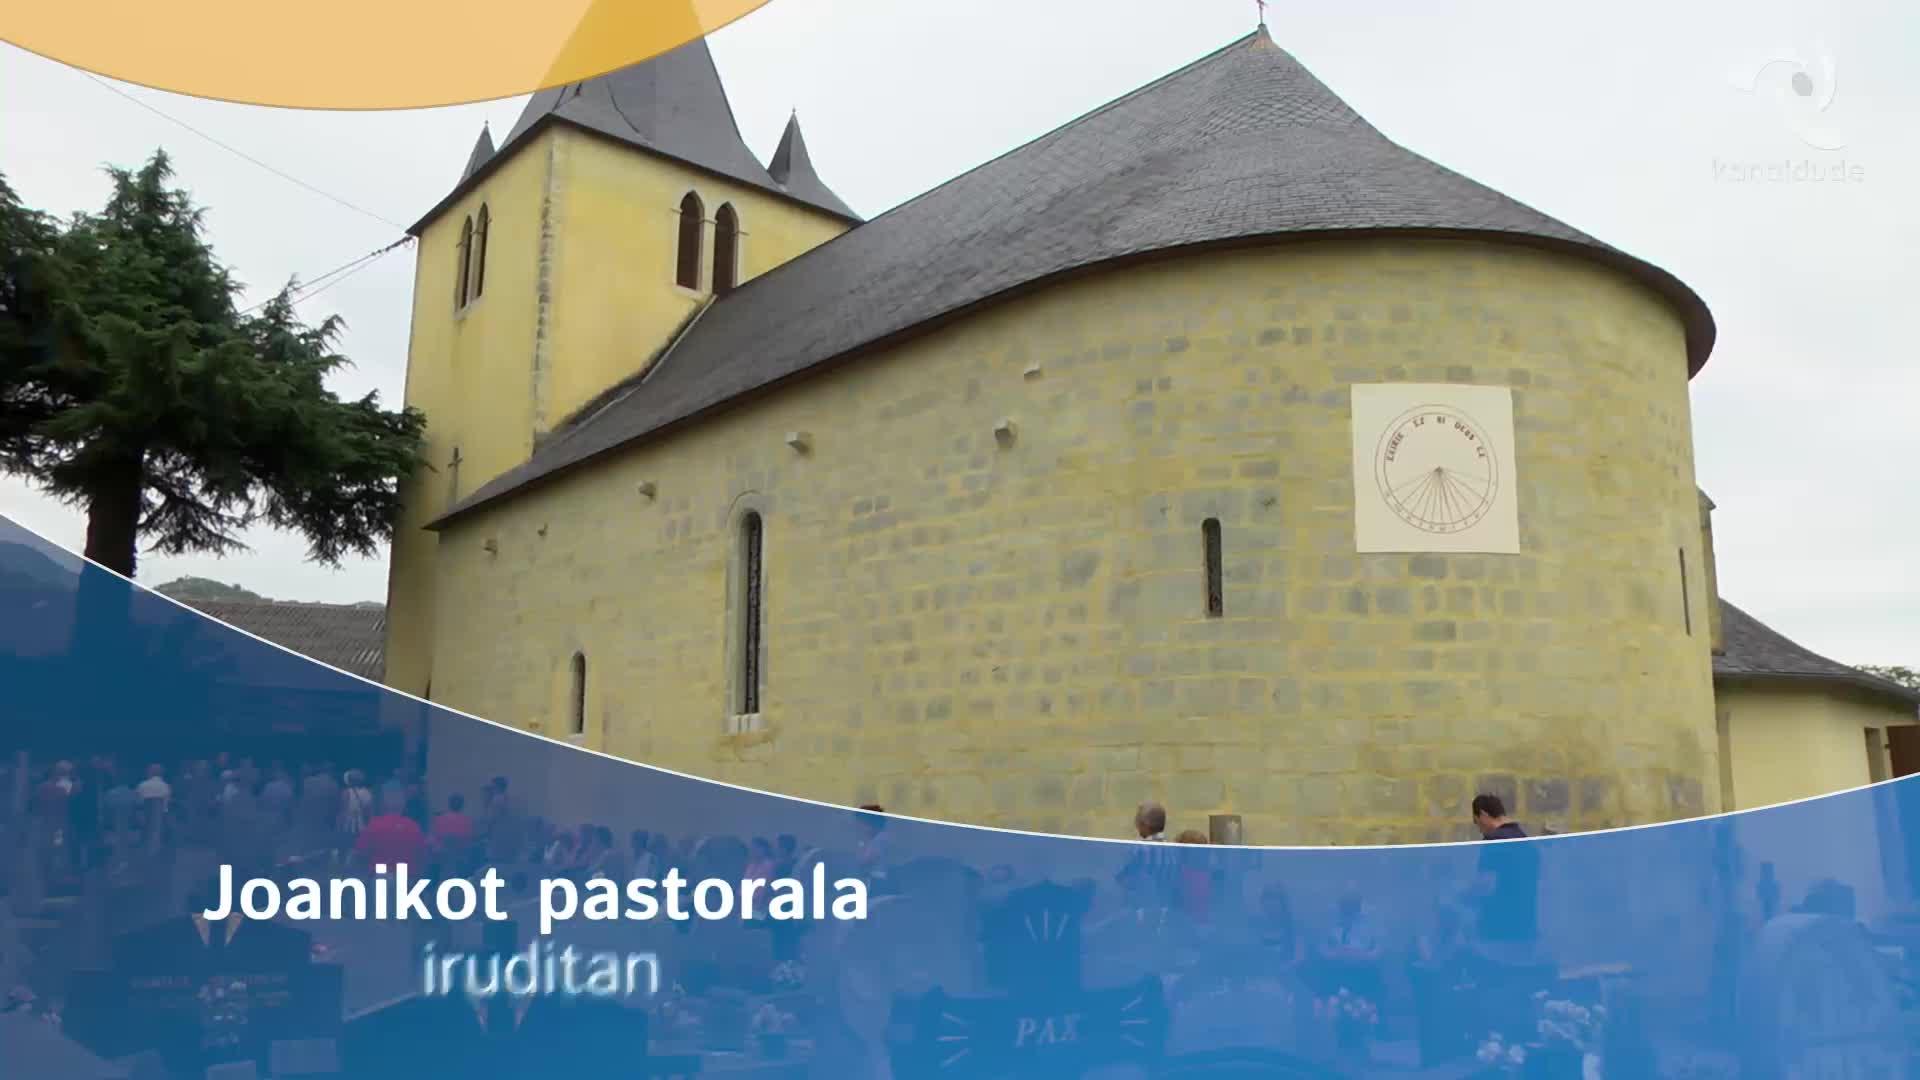 Joanikot pastorala iruditan